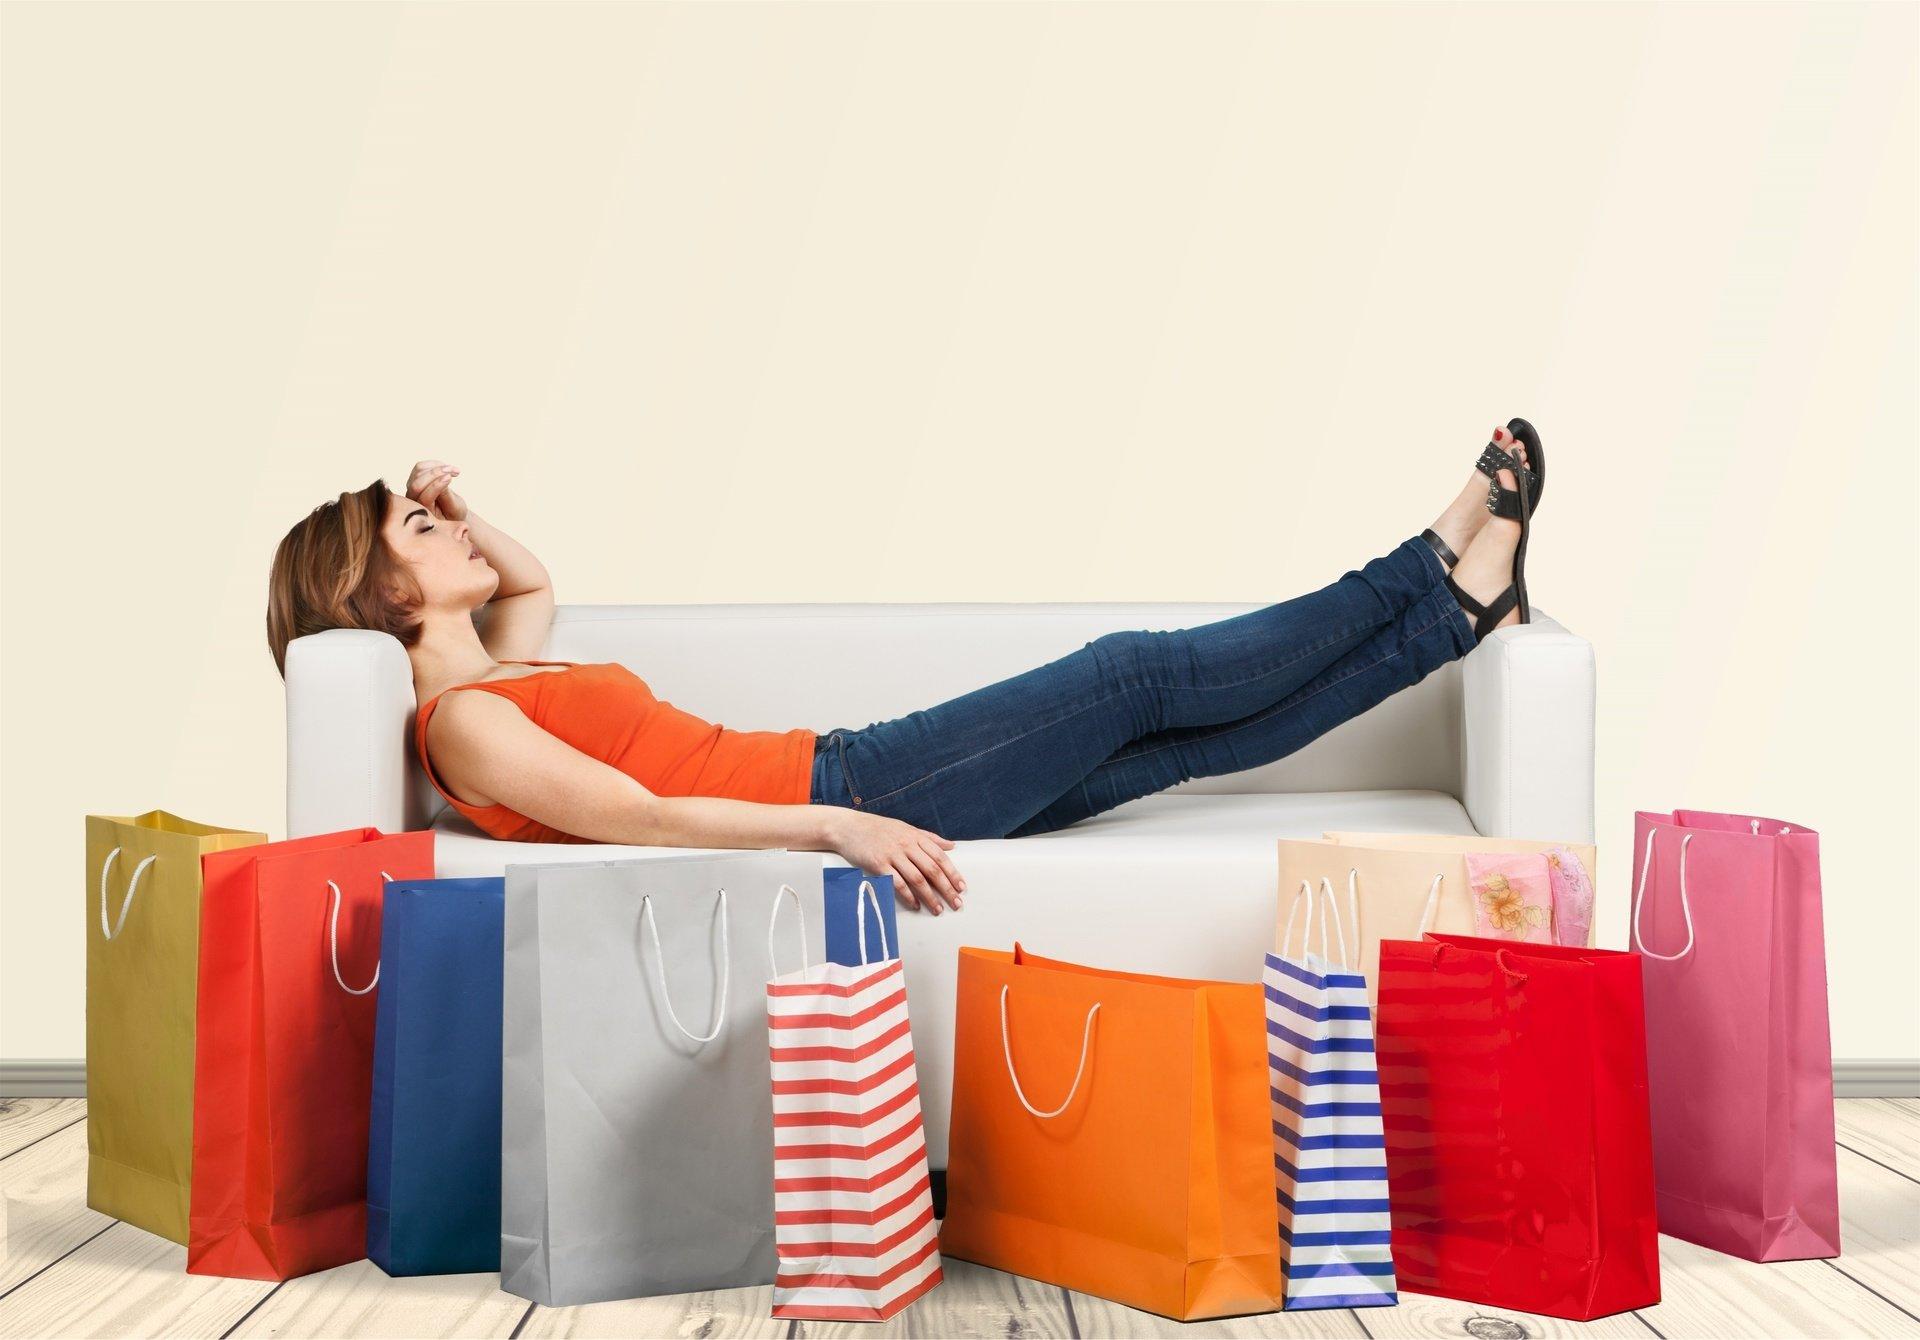 Produkty impulsowe, czyli emocje w procesie zakupowym